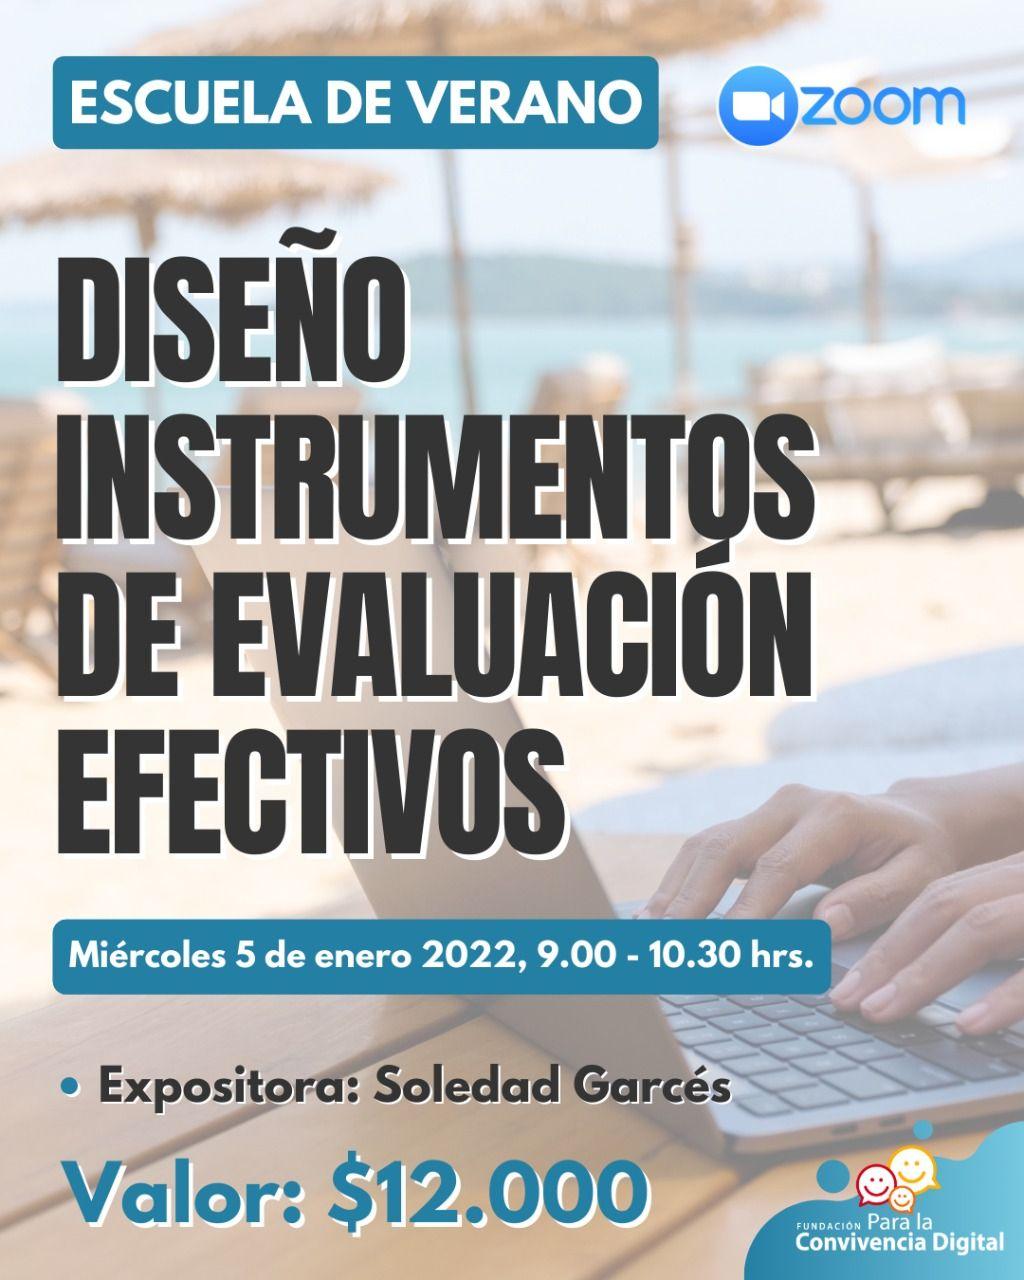 Diseño instrumentos de evaluación efectivos